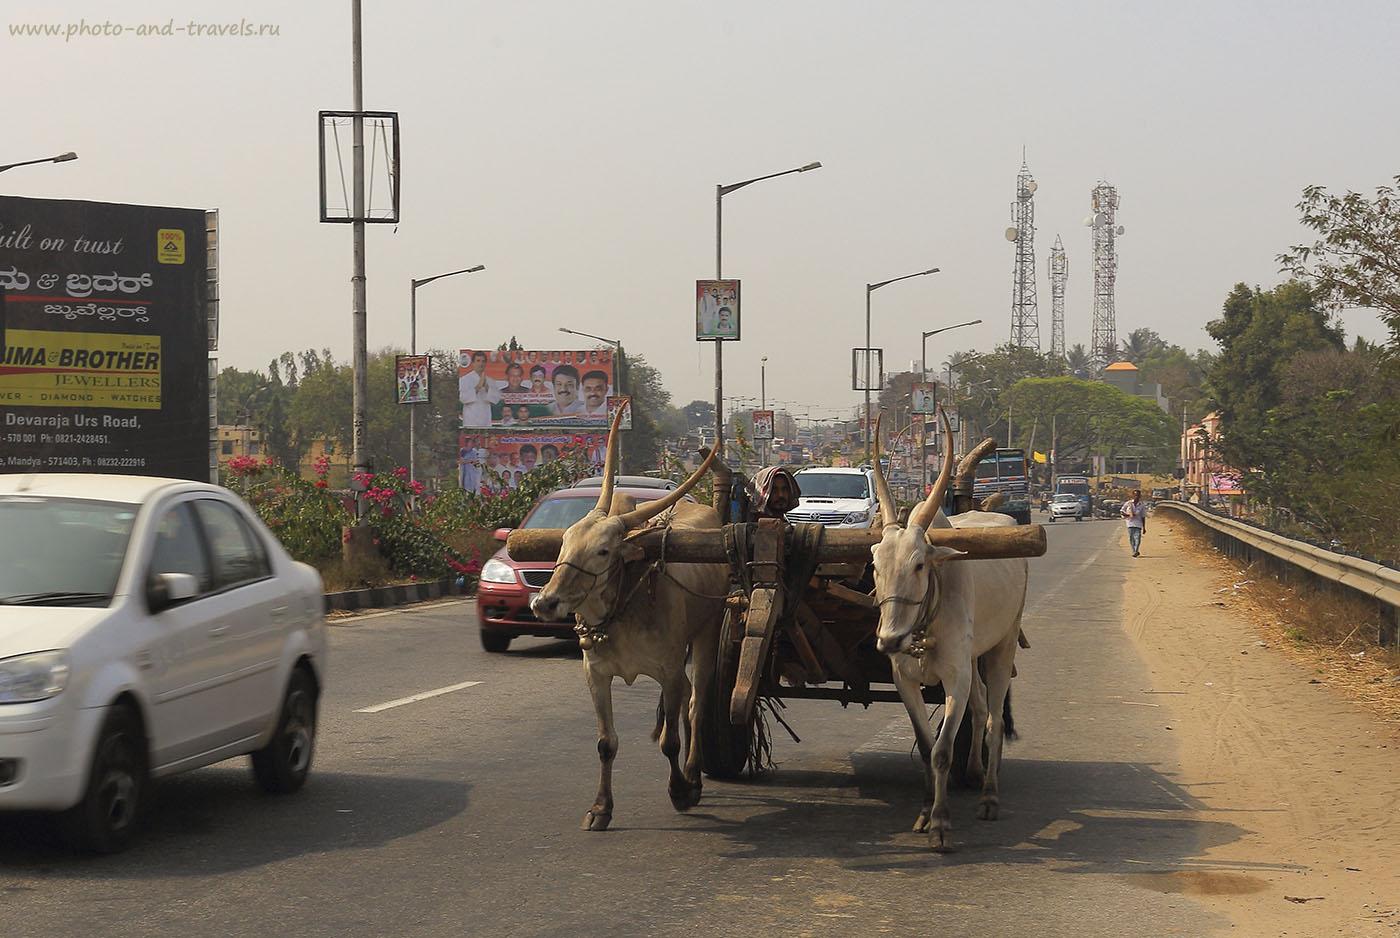 Фотография 11. Бычья упряжка на дороге для Индии – обыденность, для нас – достопримечательность. Отчеты туристов о приключениях в Карнатаке. 1/60, -1 EV, 14.0, 100, 40